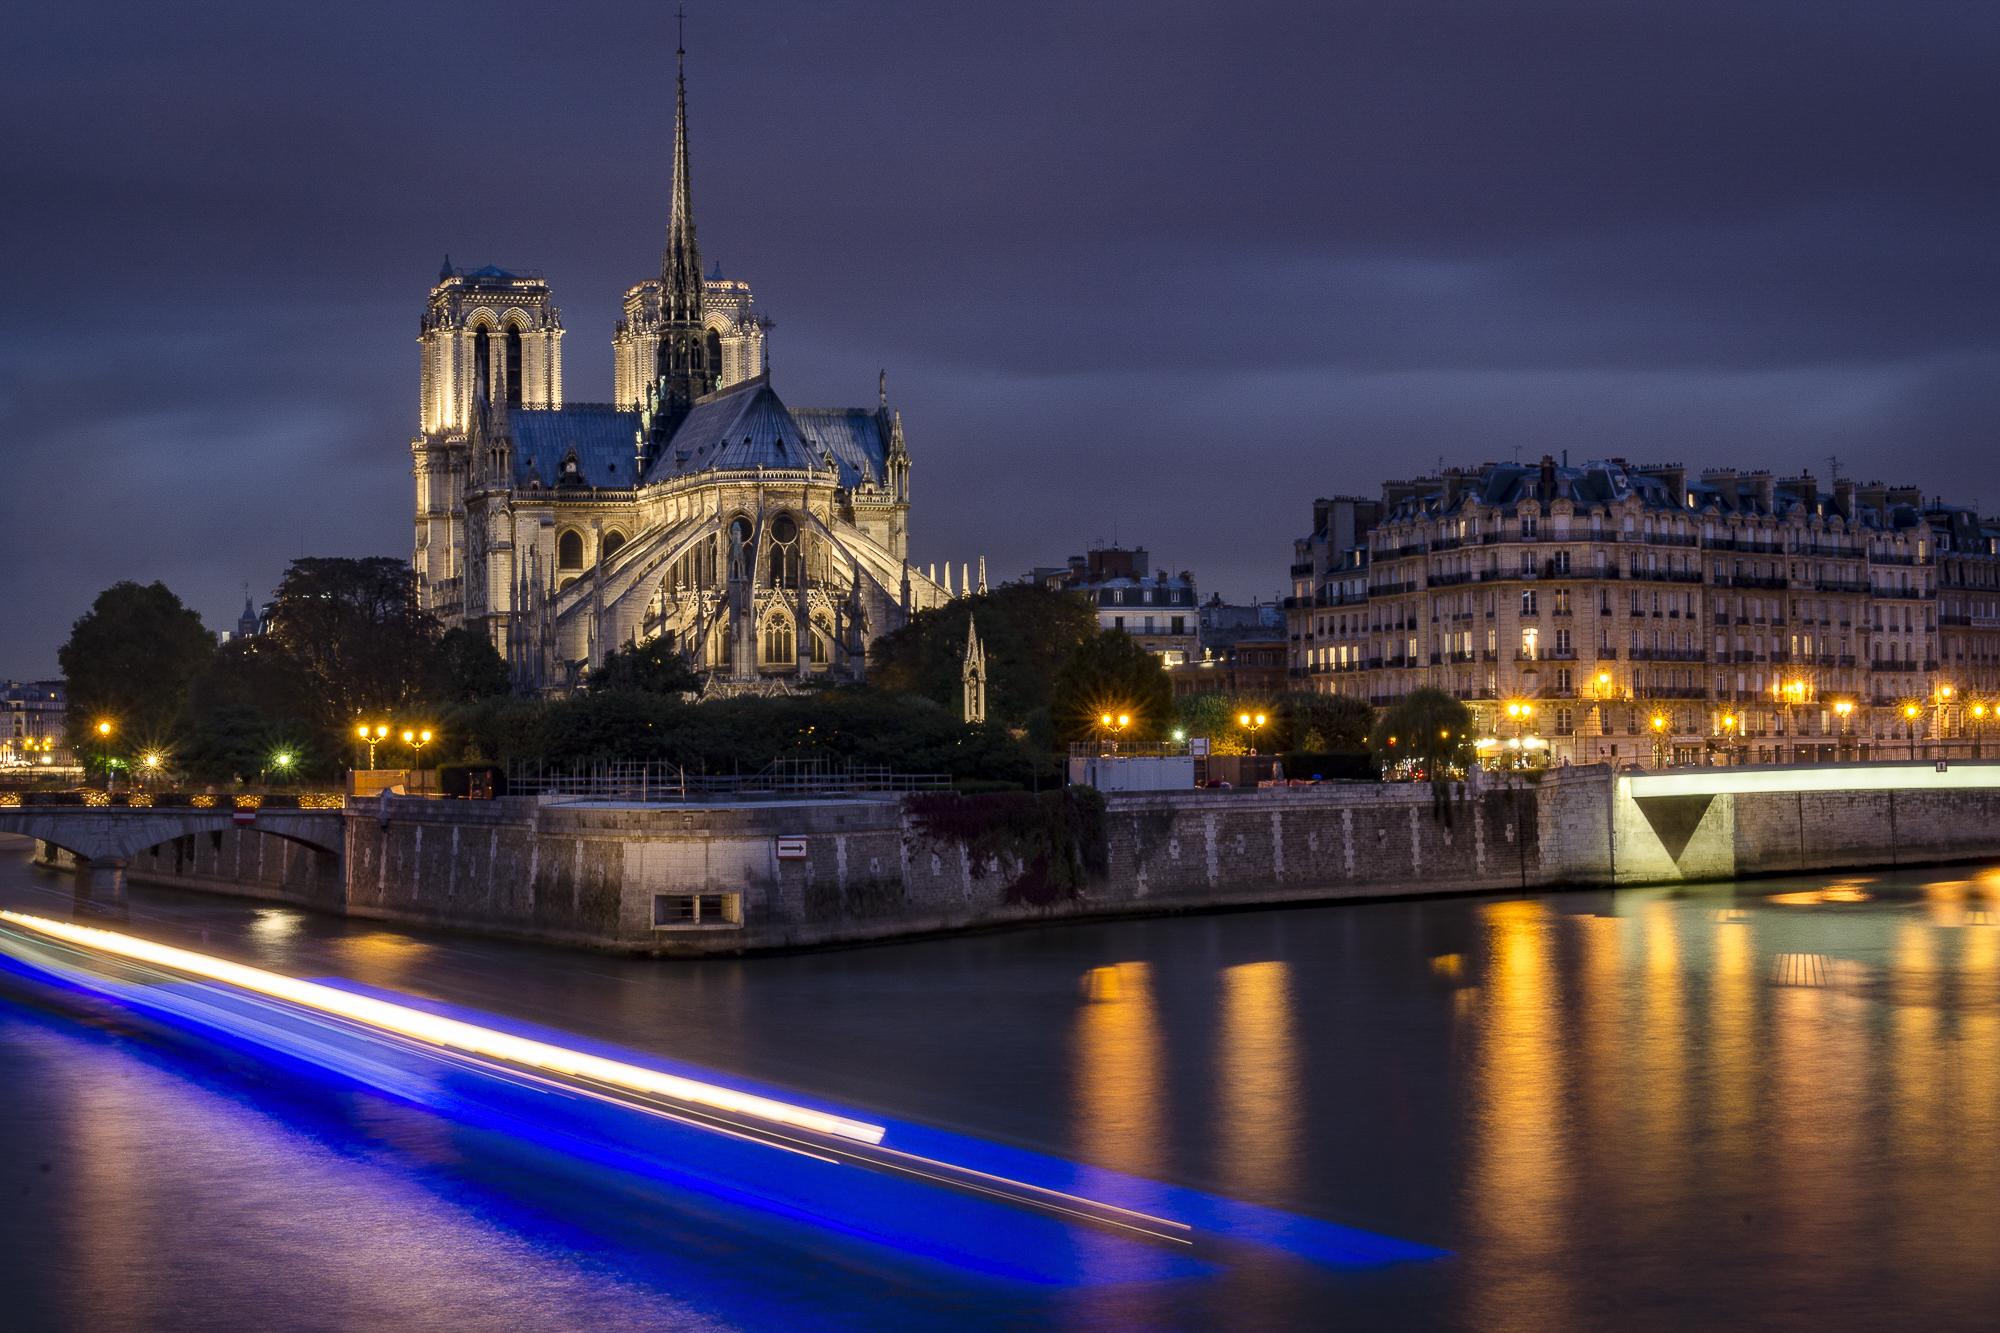 paris-extended-photo-tour-010.jpg